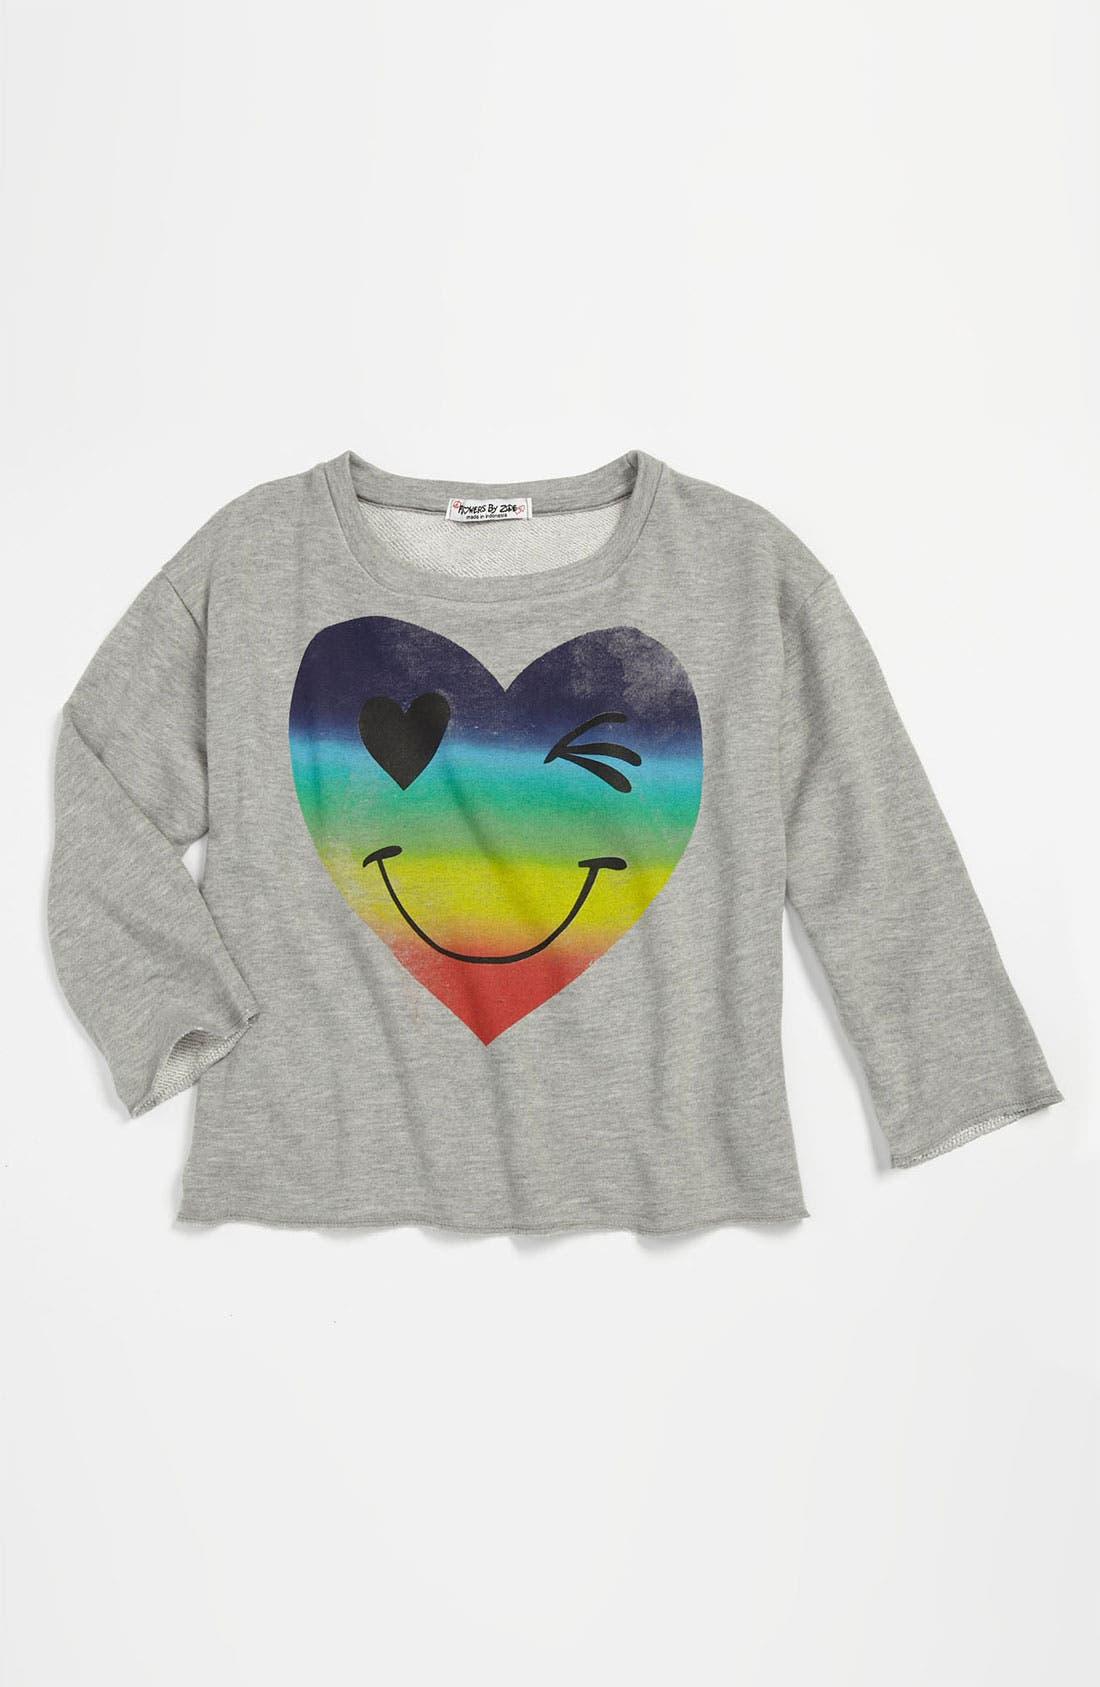 Alternate Image 1 Selected - Flowers by Zoe 'Smiley Heart' Sweatshirt (Little Girls)